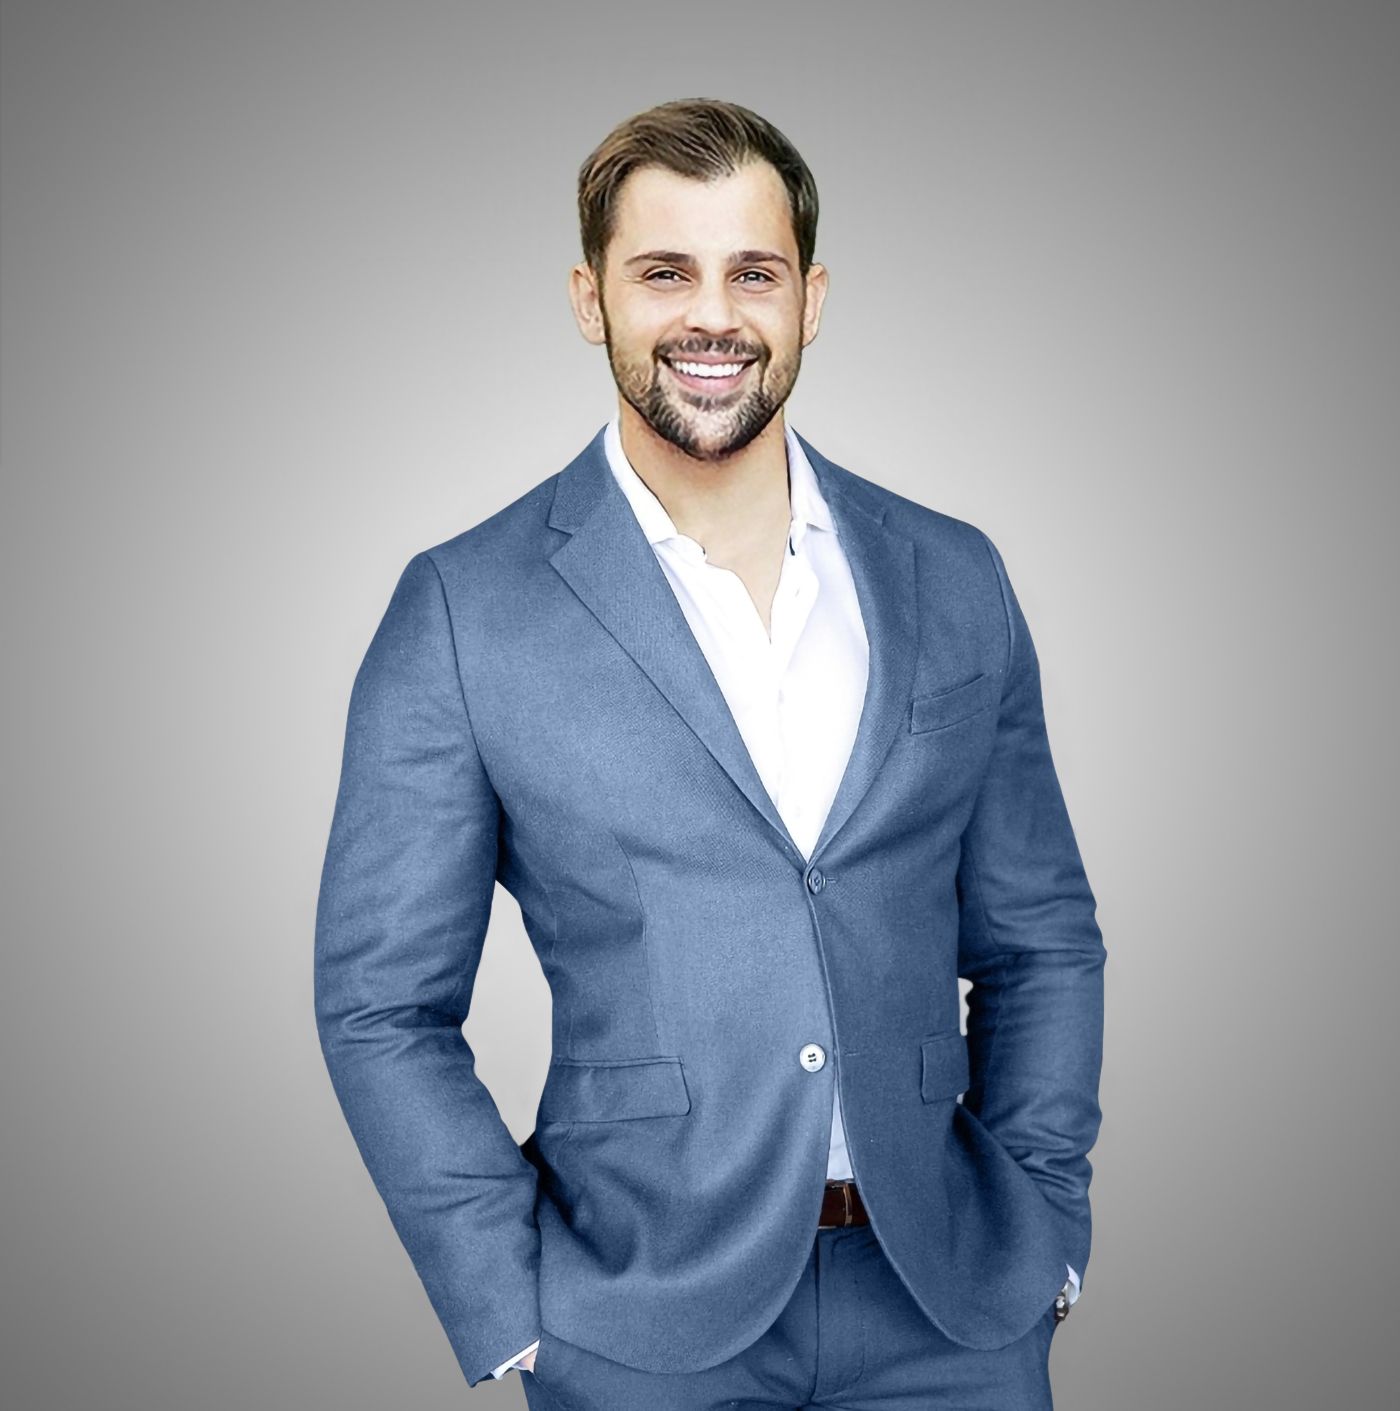 Andrew Anastasiou Launches LegionPay